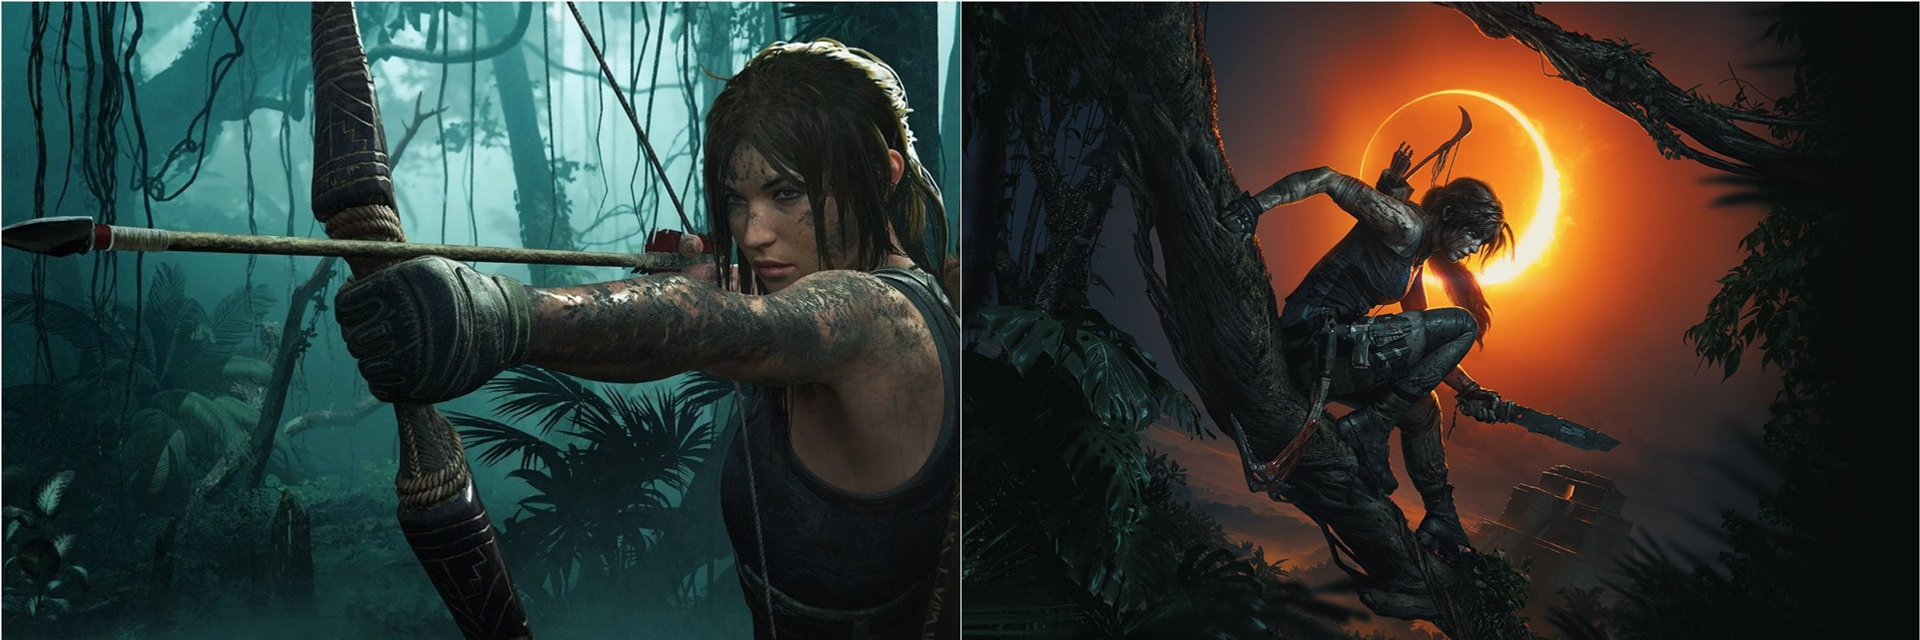 【講 GAME 話】見證蘿拉成長的關鍵時刻!《古墓奇兵:暗影》危機重重 在險惡叢林中九死一生!